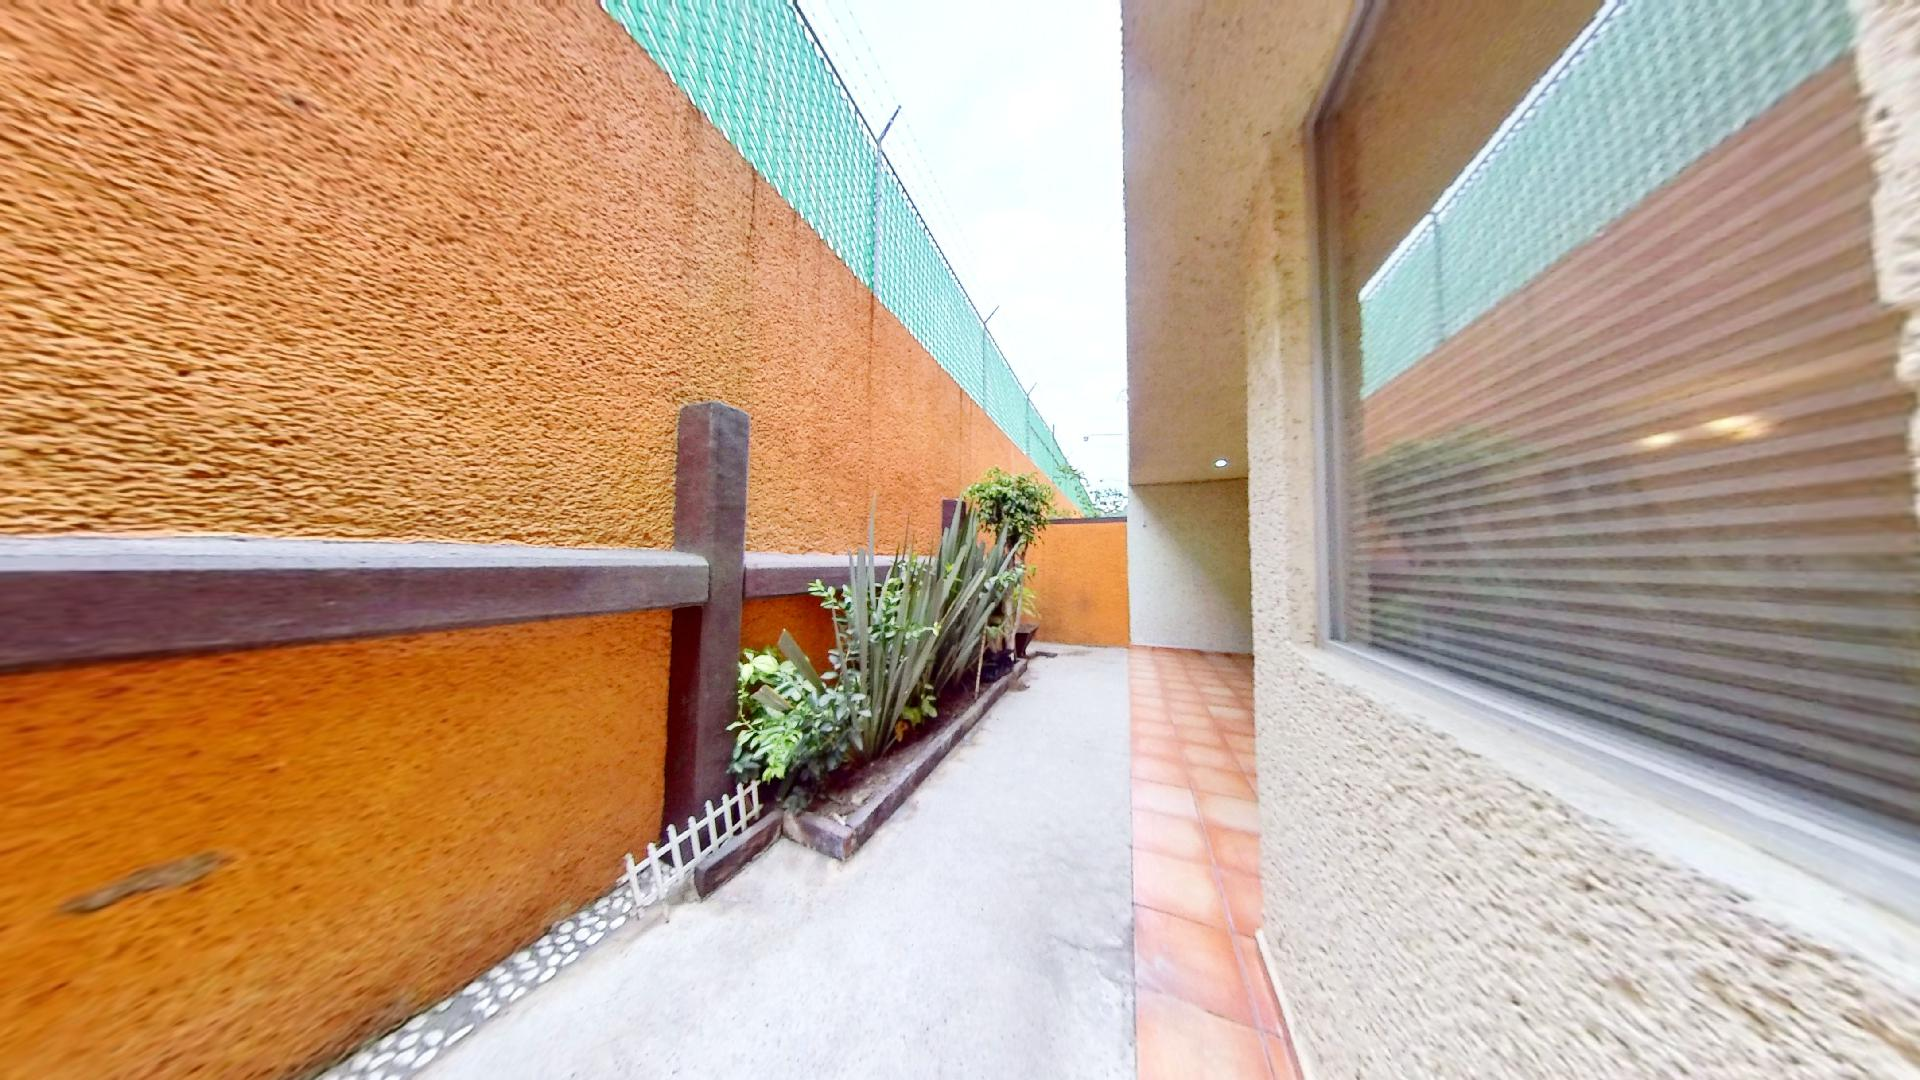 Casa en venta de 3 recámaras en Condominio Los Fresnos, Naucalpan de Juárez, entre Lomas Verdes y Jardines de San Mateo, EDOMEX. Patio